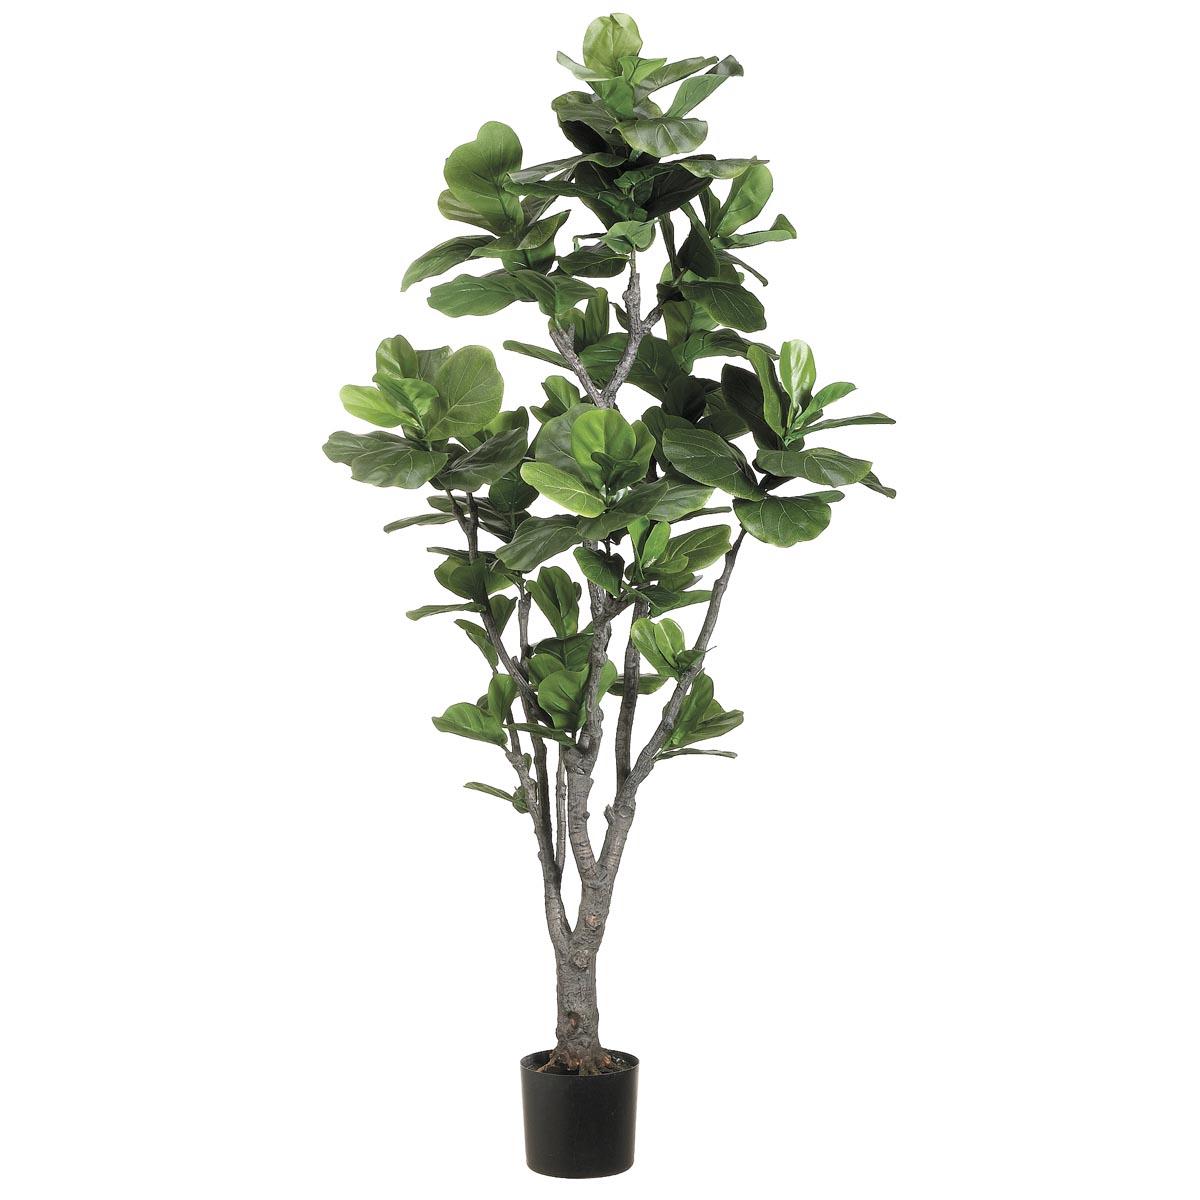 Design Fiddle Leaf Fig Tree Potted 23 578